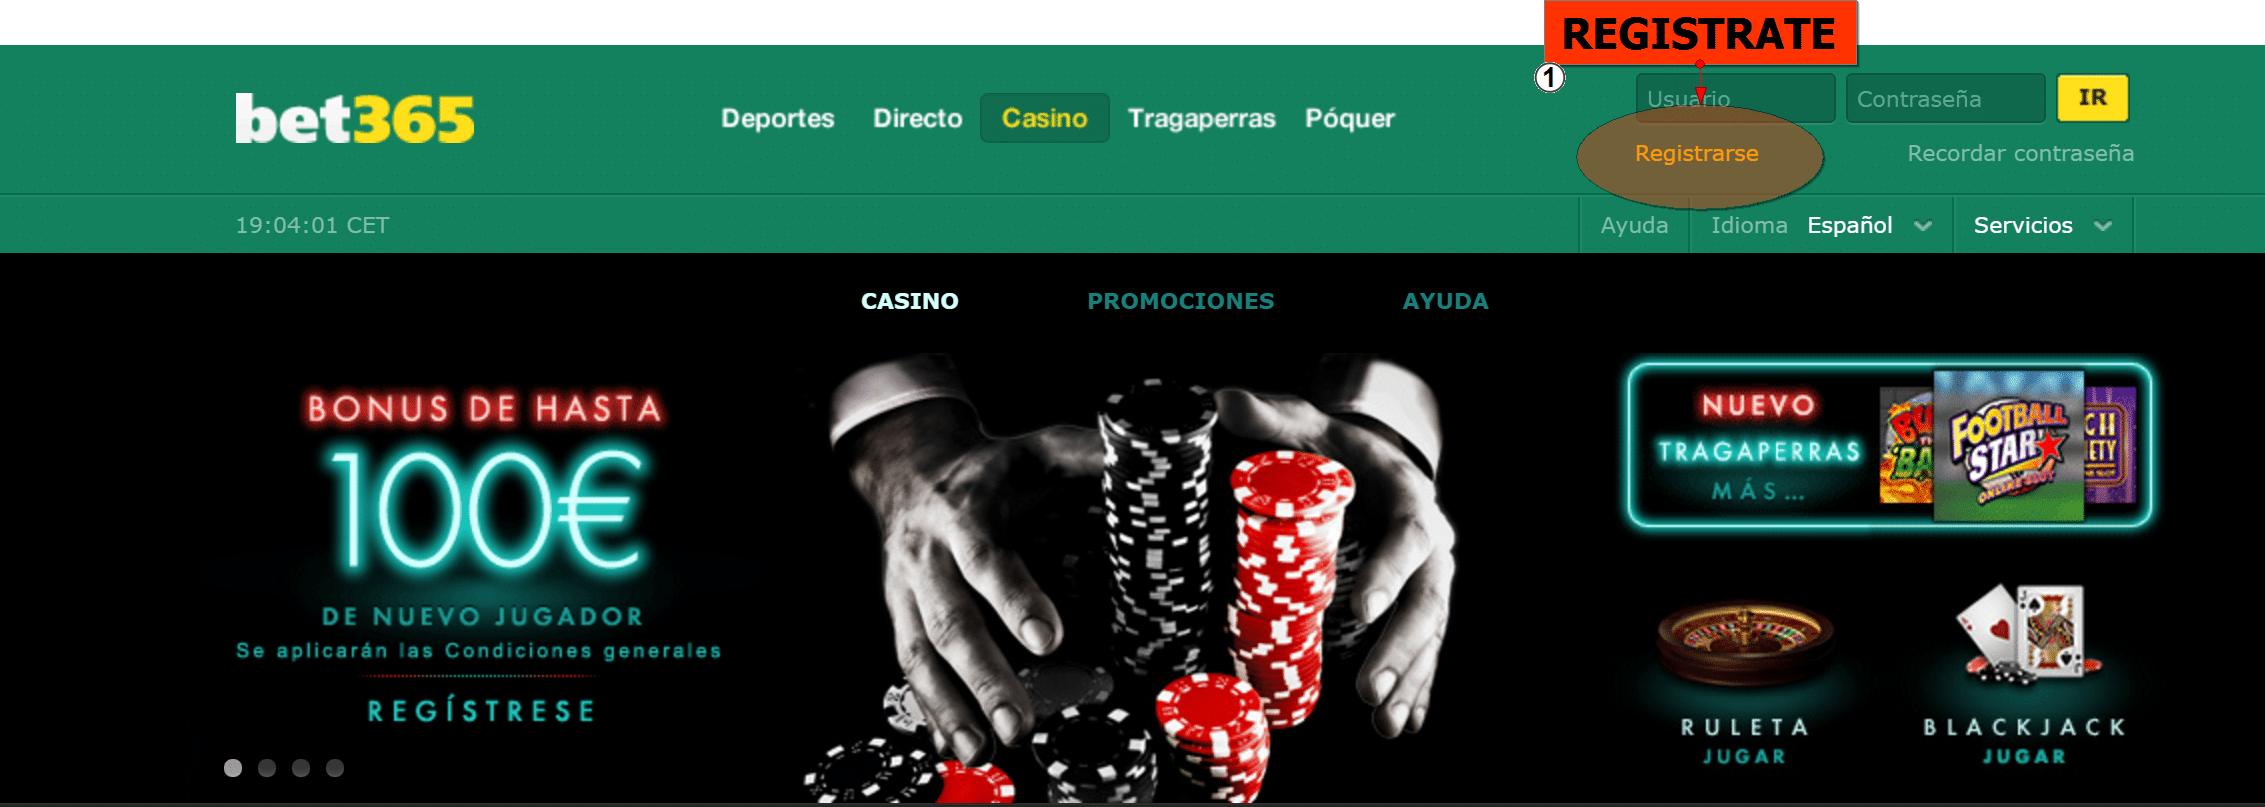 Bet365 registrarse pagos Seguros del casino - 24999